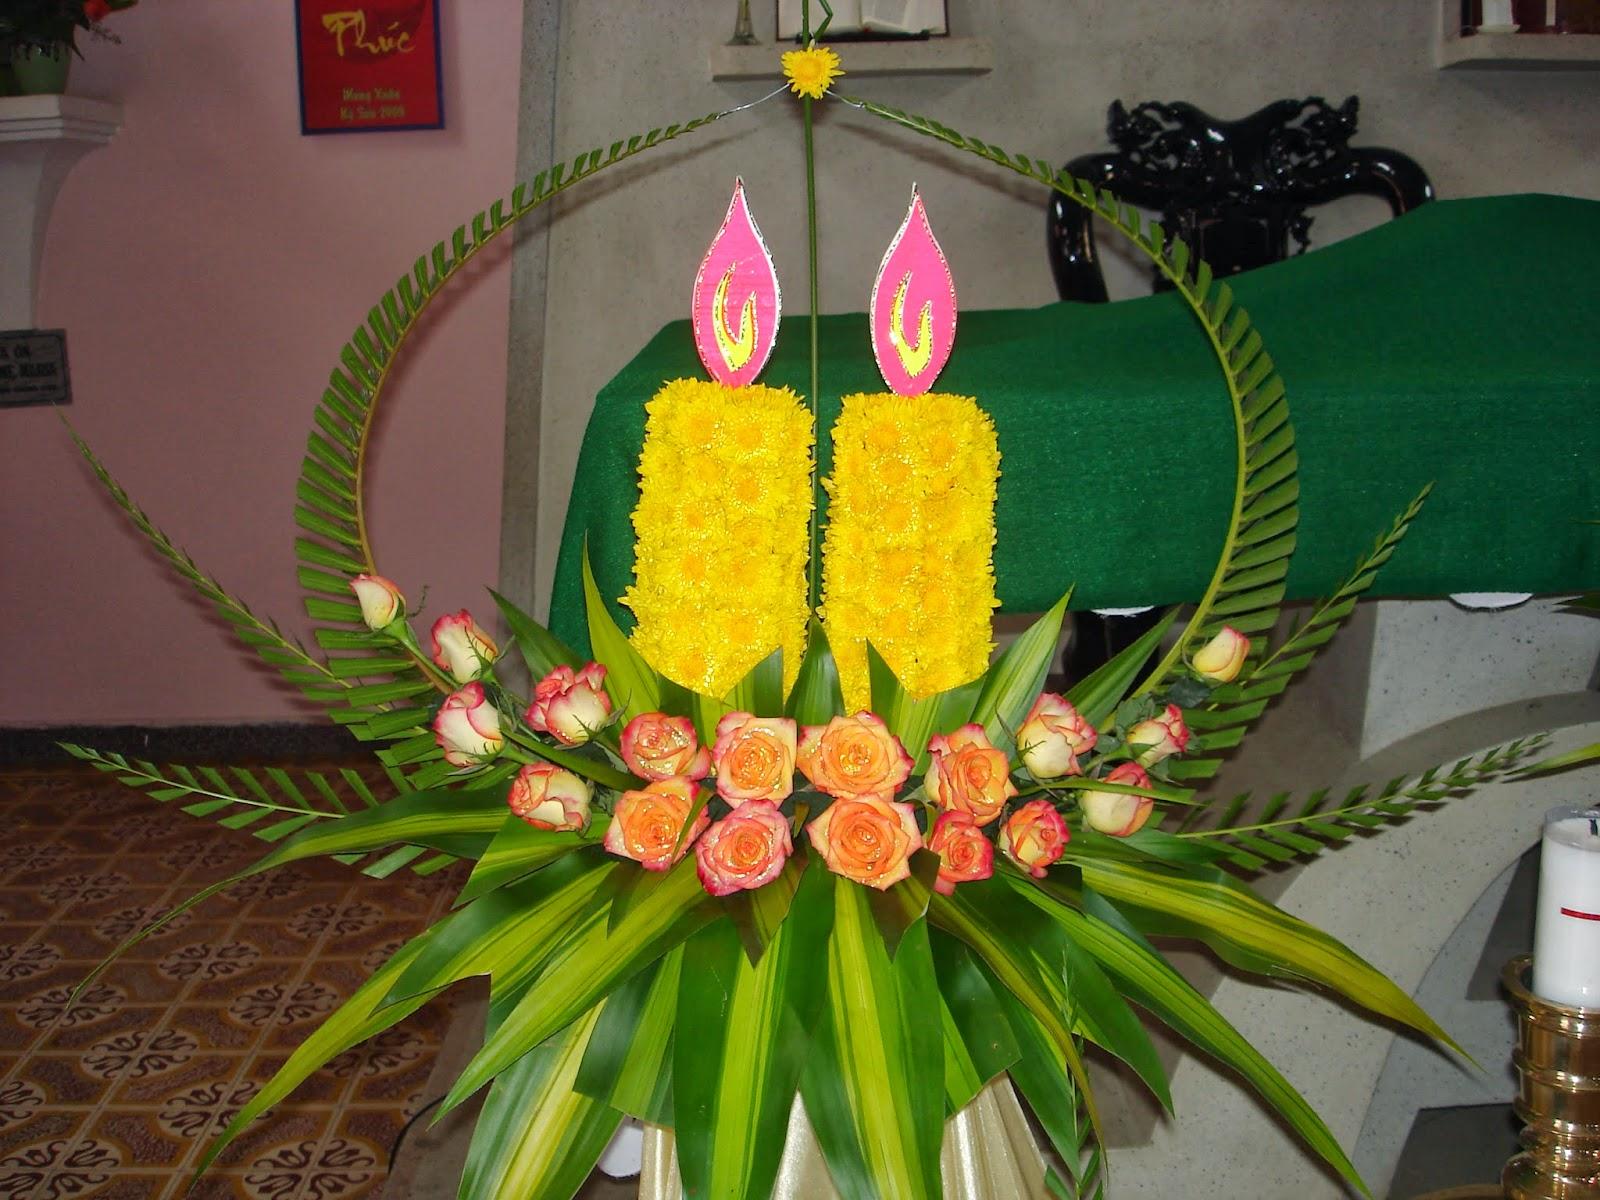 Cắm hoa ngày lễ Thêm Sức, Nghệ thuật cắm hoa nhà thờ, Cắm hoa phụng vụ, cắm hoa nhà thờ đẹp, cắm hoa nghệ thuật, cắm hoa theo mùa phụng vụ